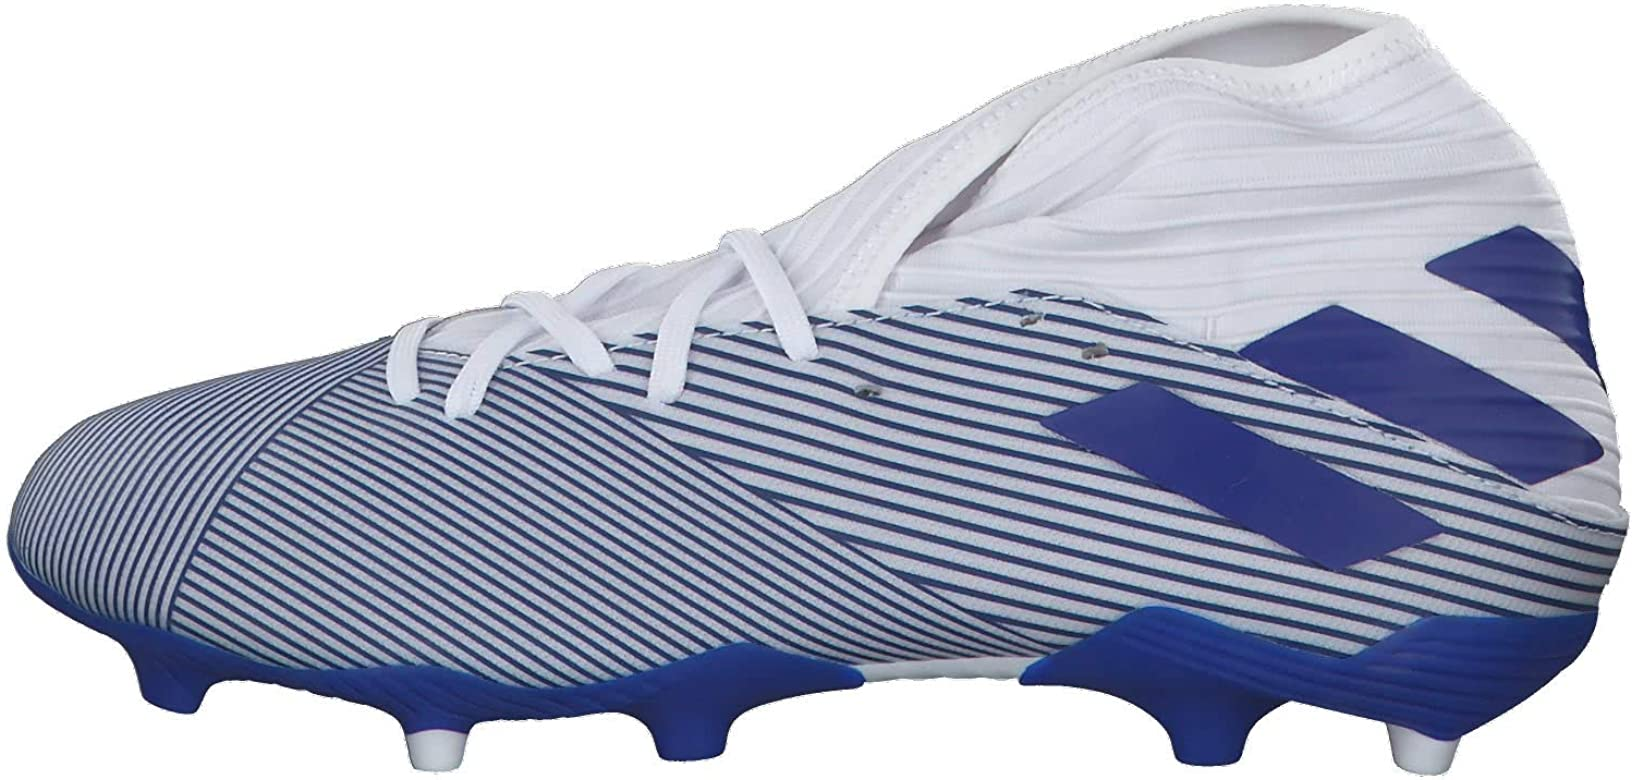 Adidas Nemeziz 19.3 FG, Zapatillas Deportivas Fútbol Hombre, Azul ...